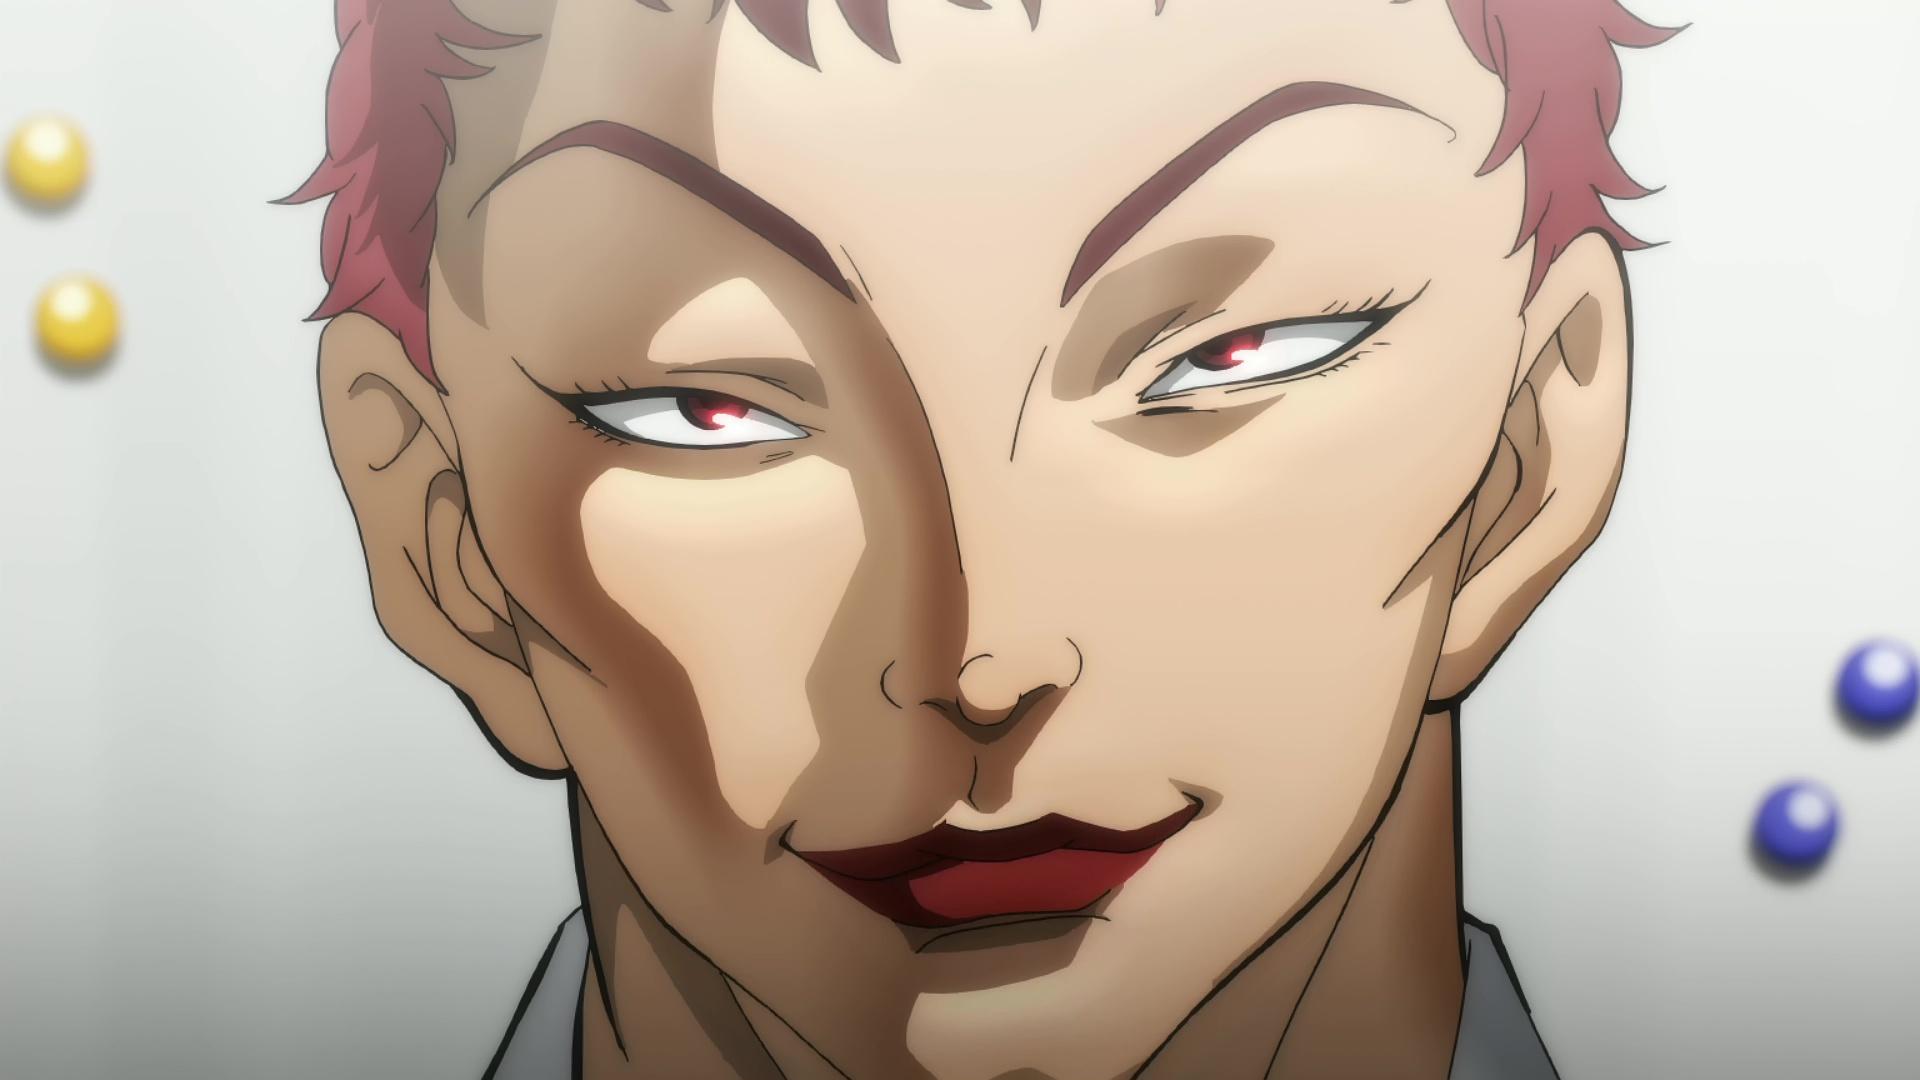 TVアニメ『バキ』第15話「超筋力」感想・作品情報 [ネタバレあり]